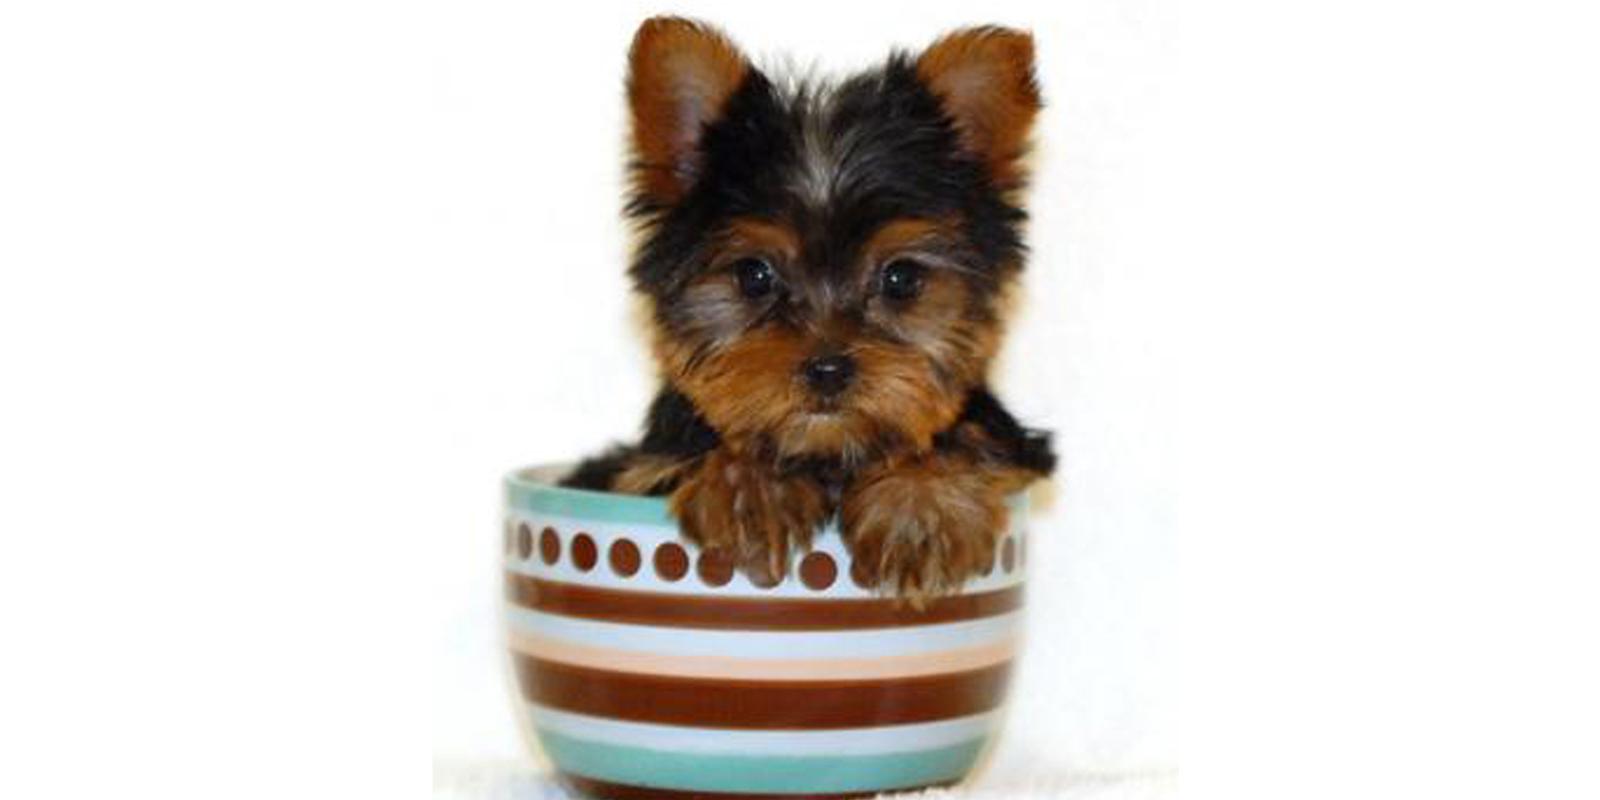 Qualzucht im Fokus: Teacup-Hunde